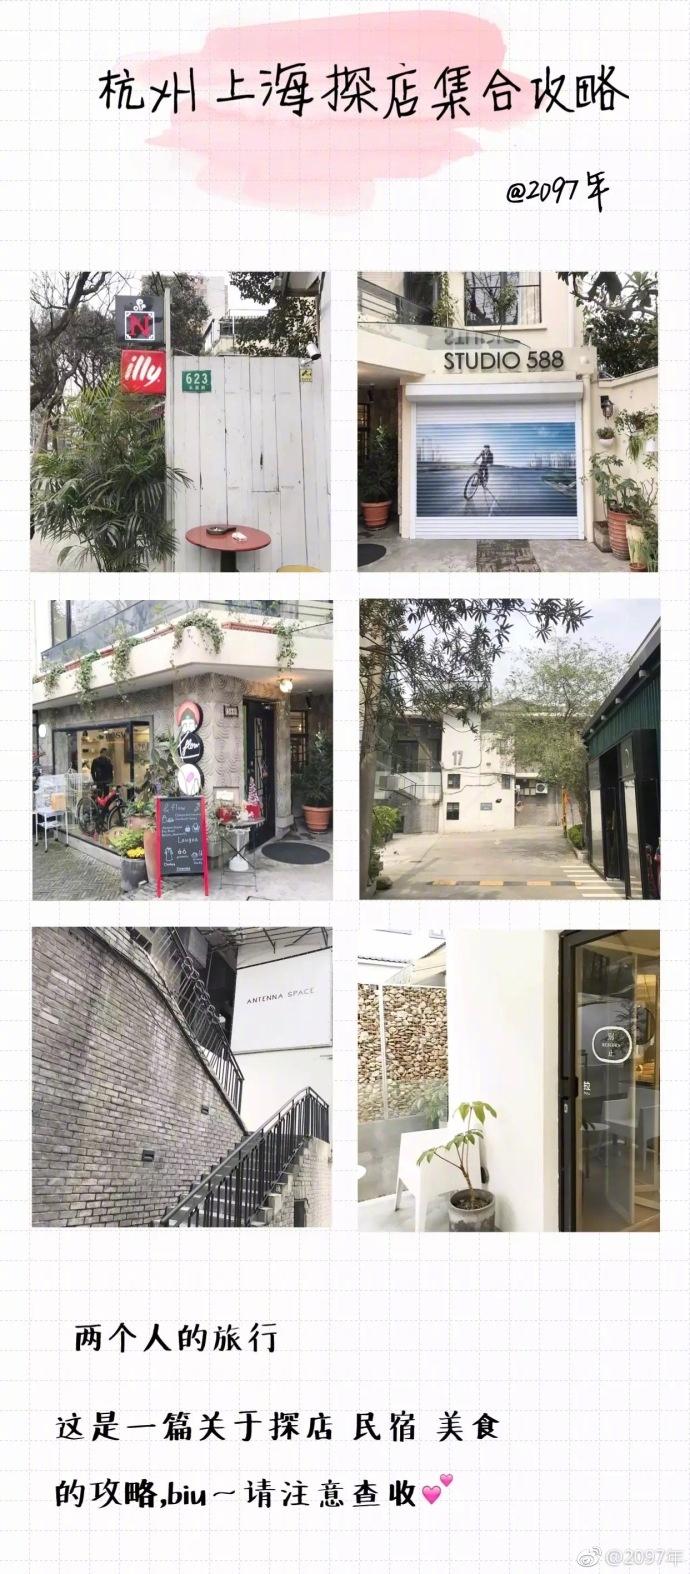 上海 杭州网红咖啡店 民宿 美食集合攻略